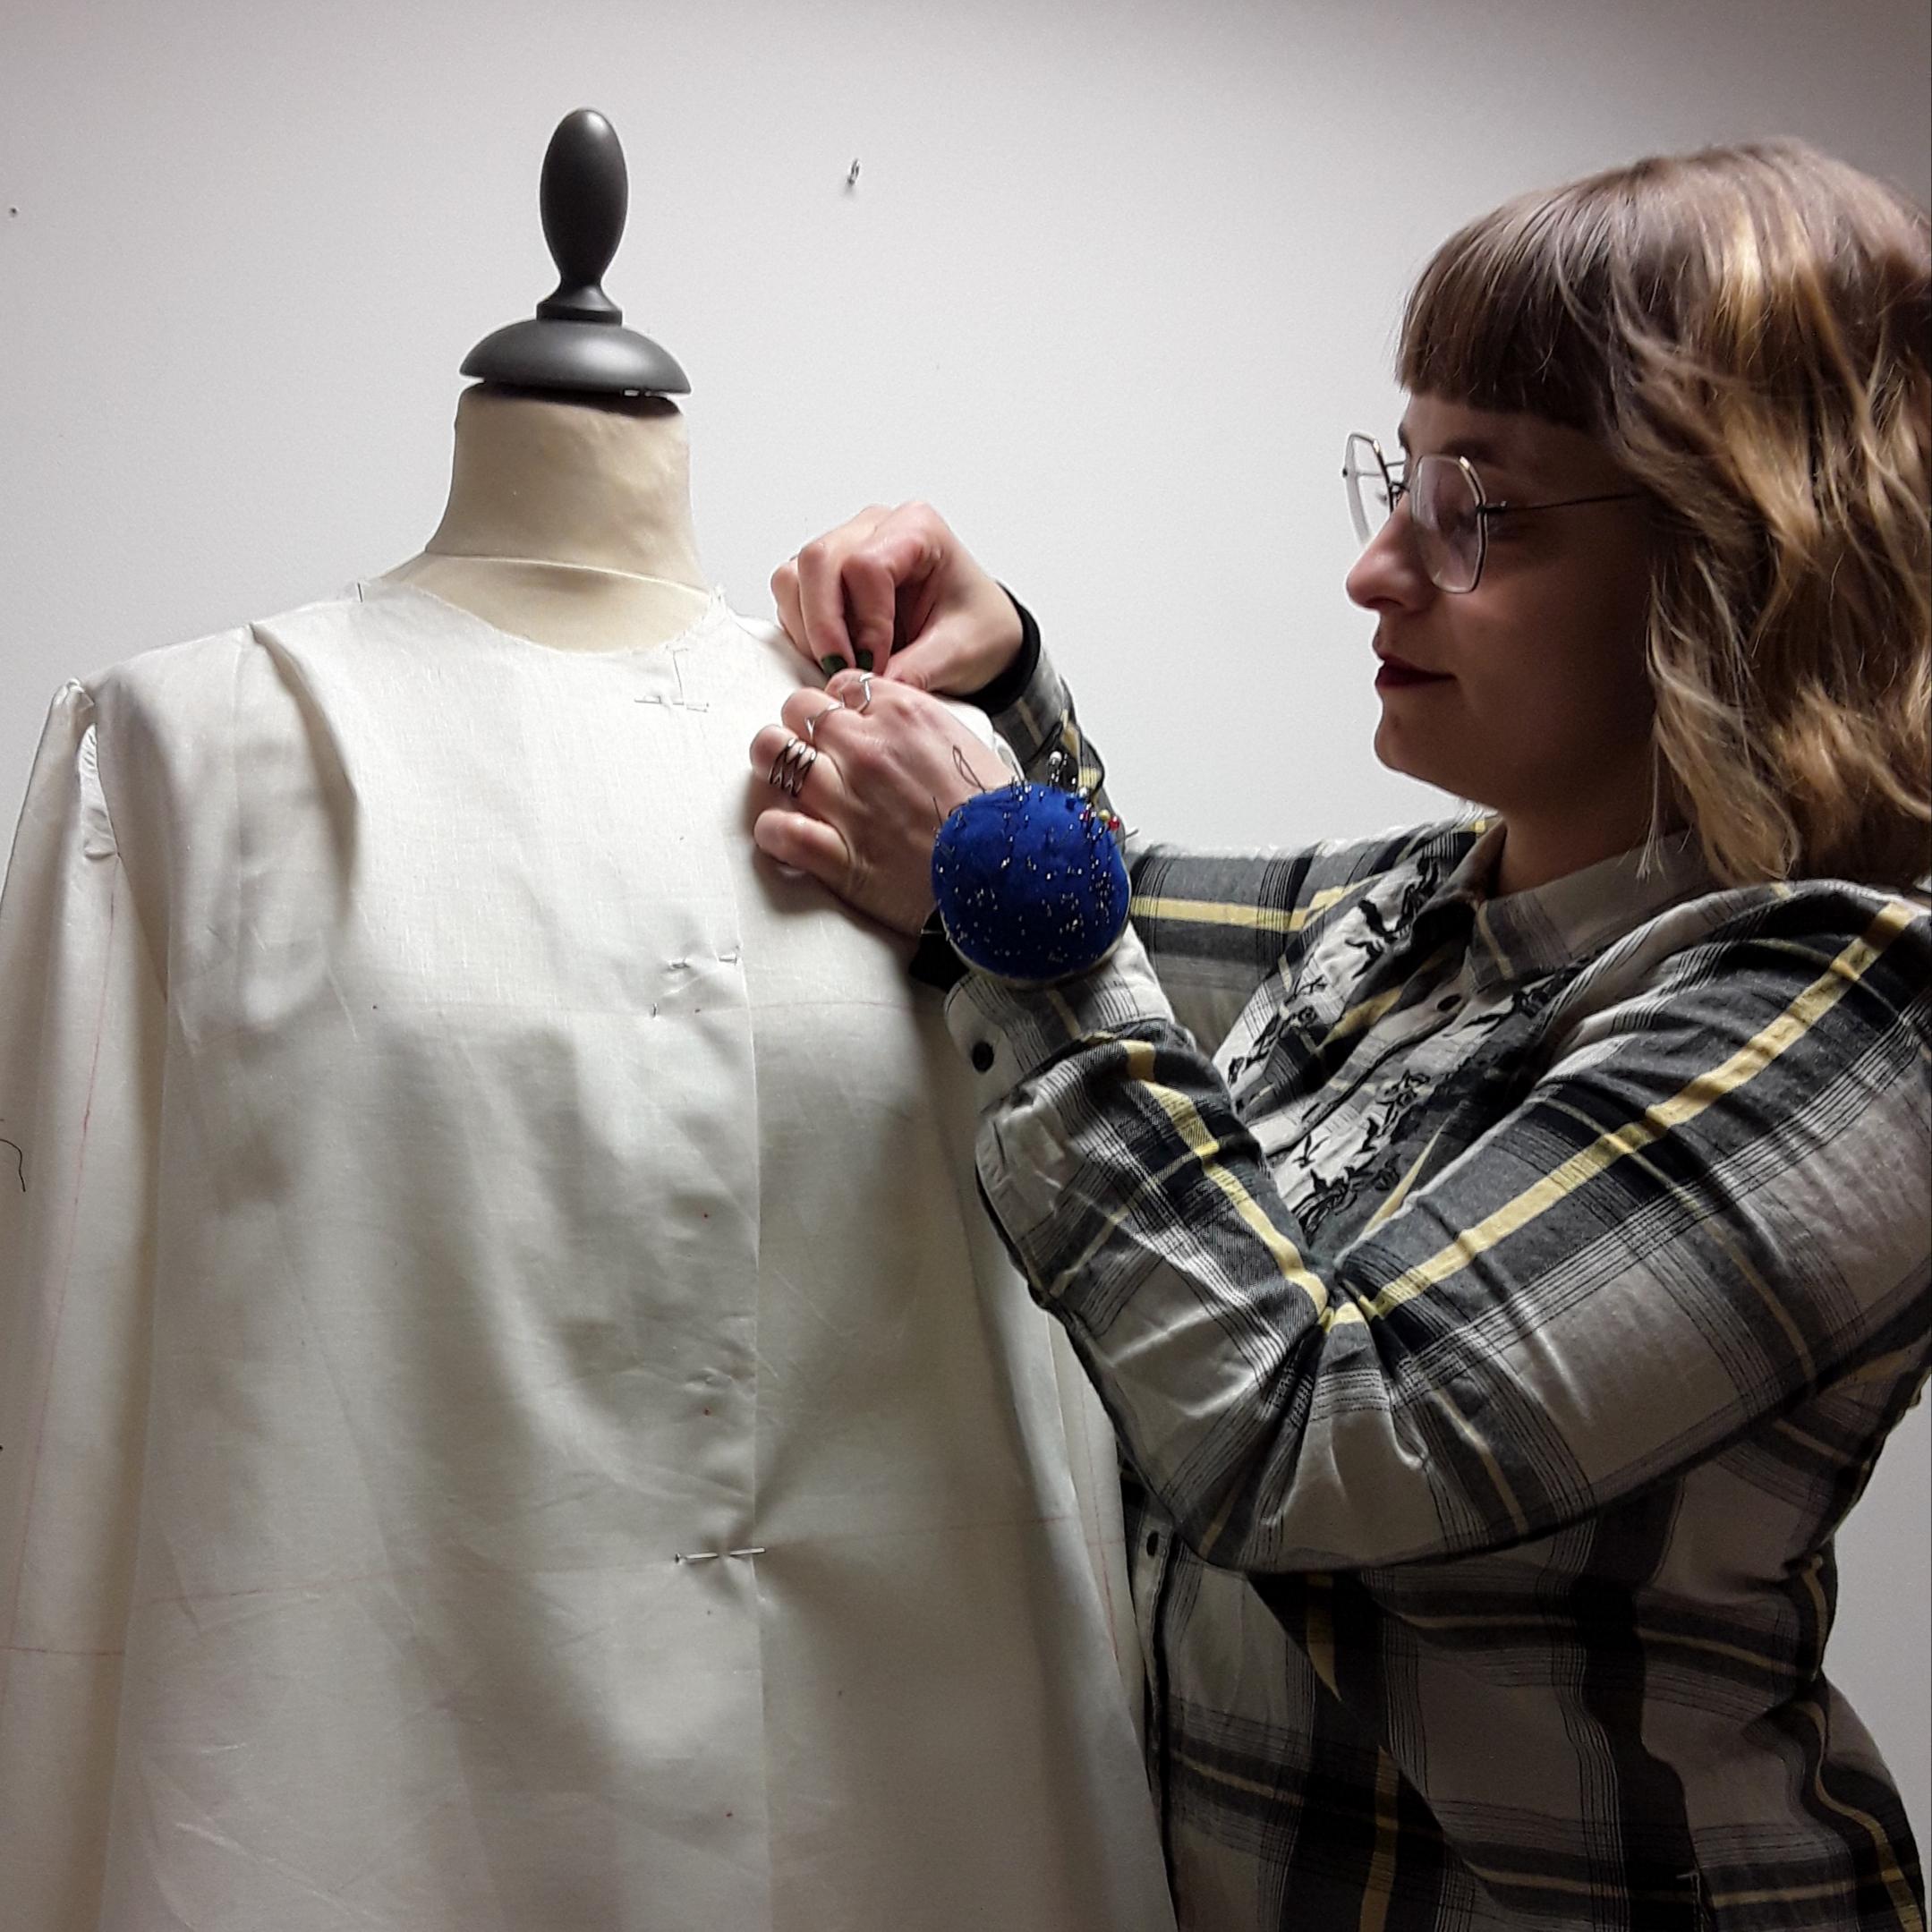 Julie Bonnard travail d'une toile d'après moulage créatrice textile styliste Saint-Étienne